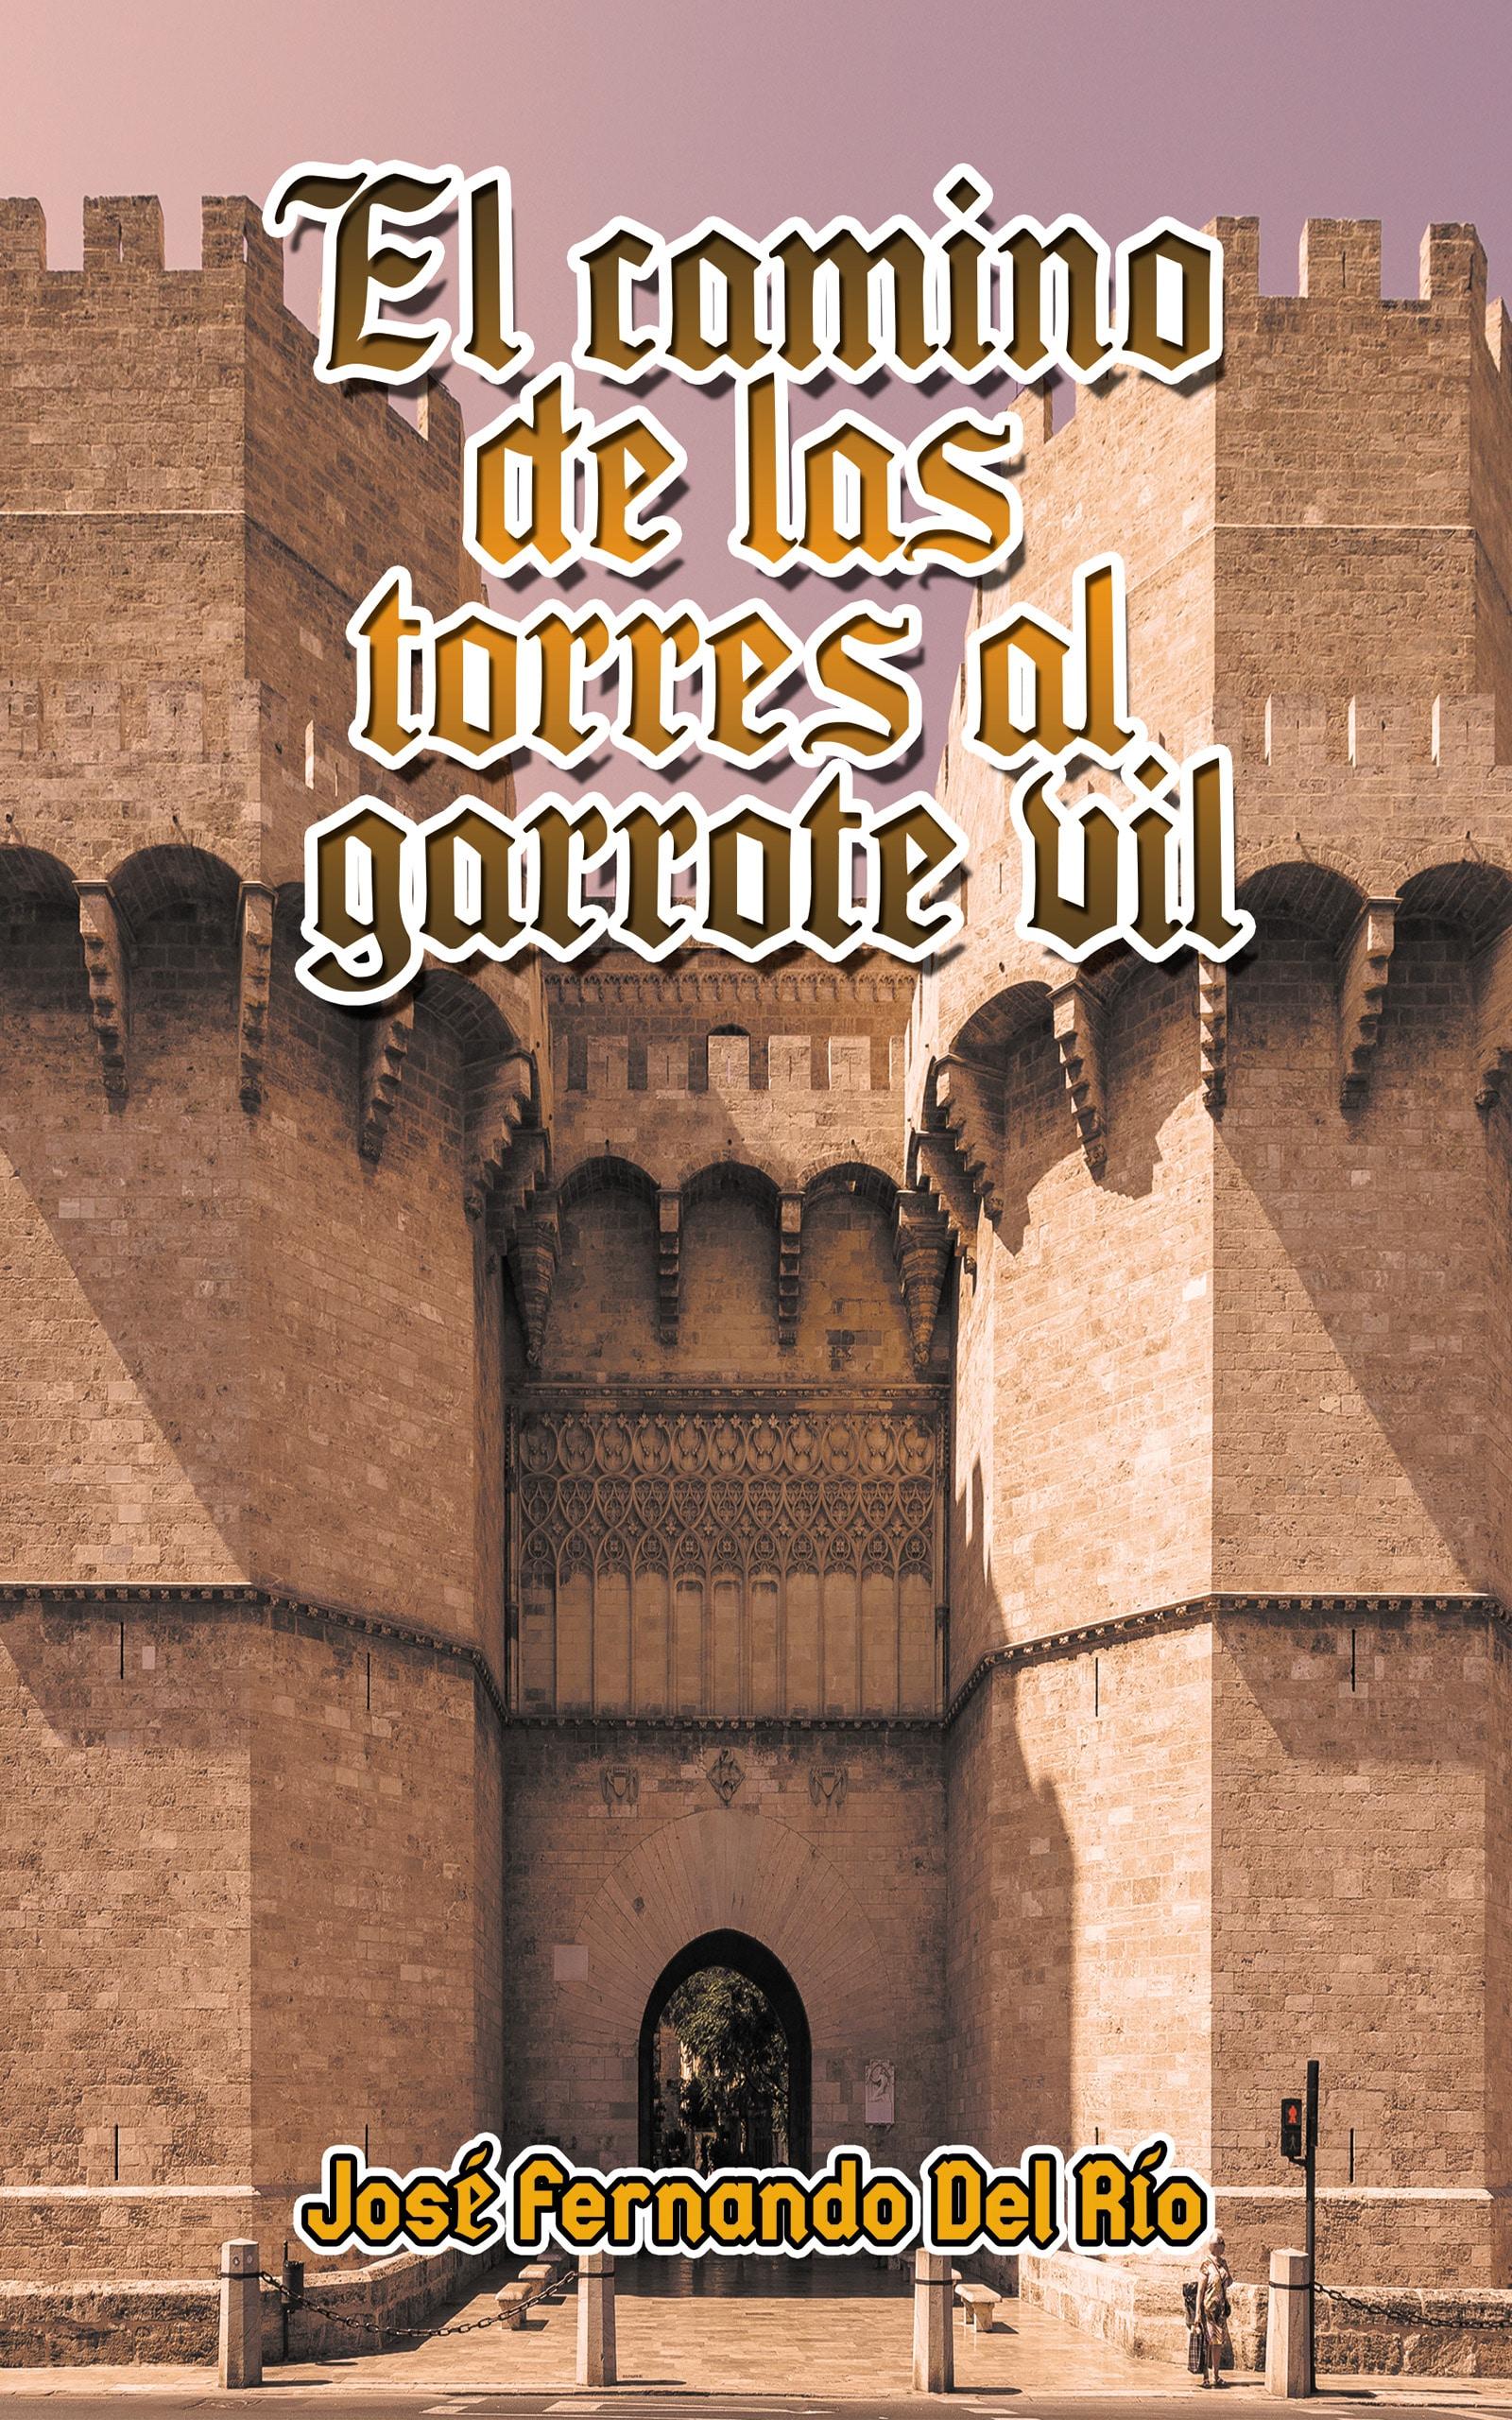 Portada EBook El camino de las torres al garrote vil JOSÉ FERNANDO DEL RÍO